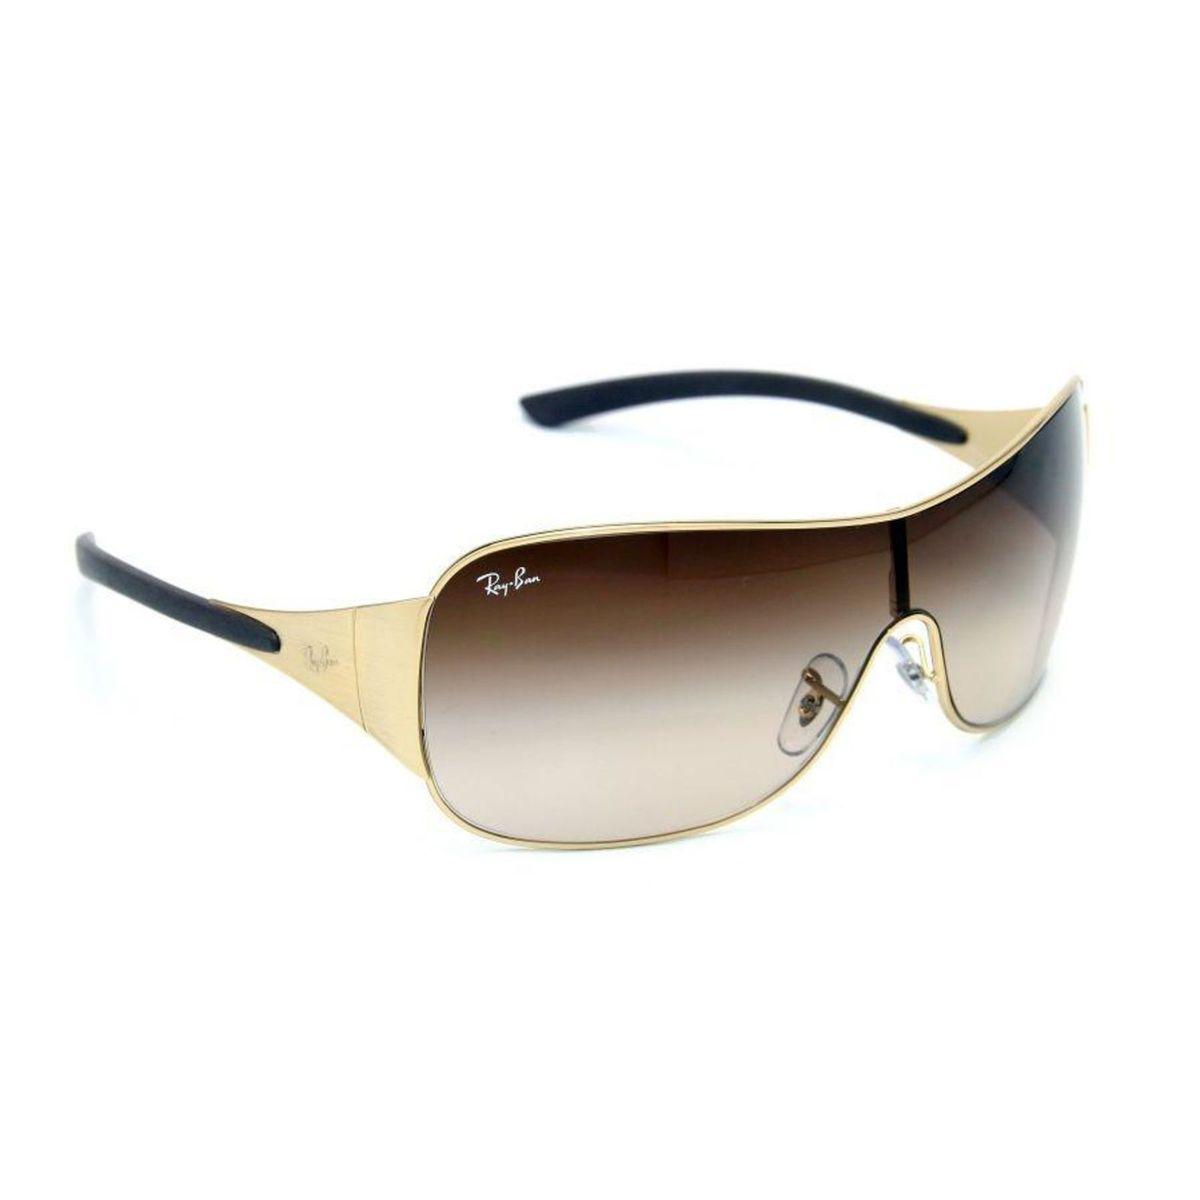 79f5a89508514 Oculos Rayban Mascara Modelo Masculino e Feminino